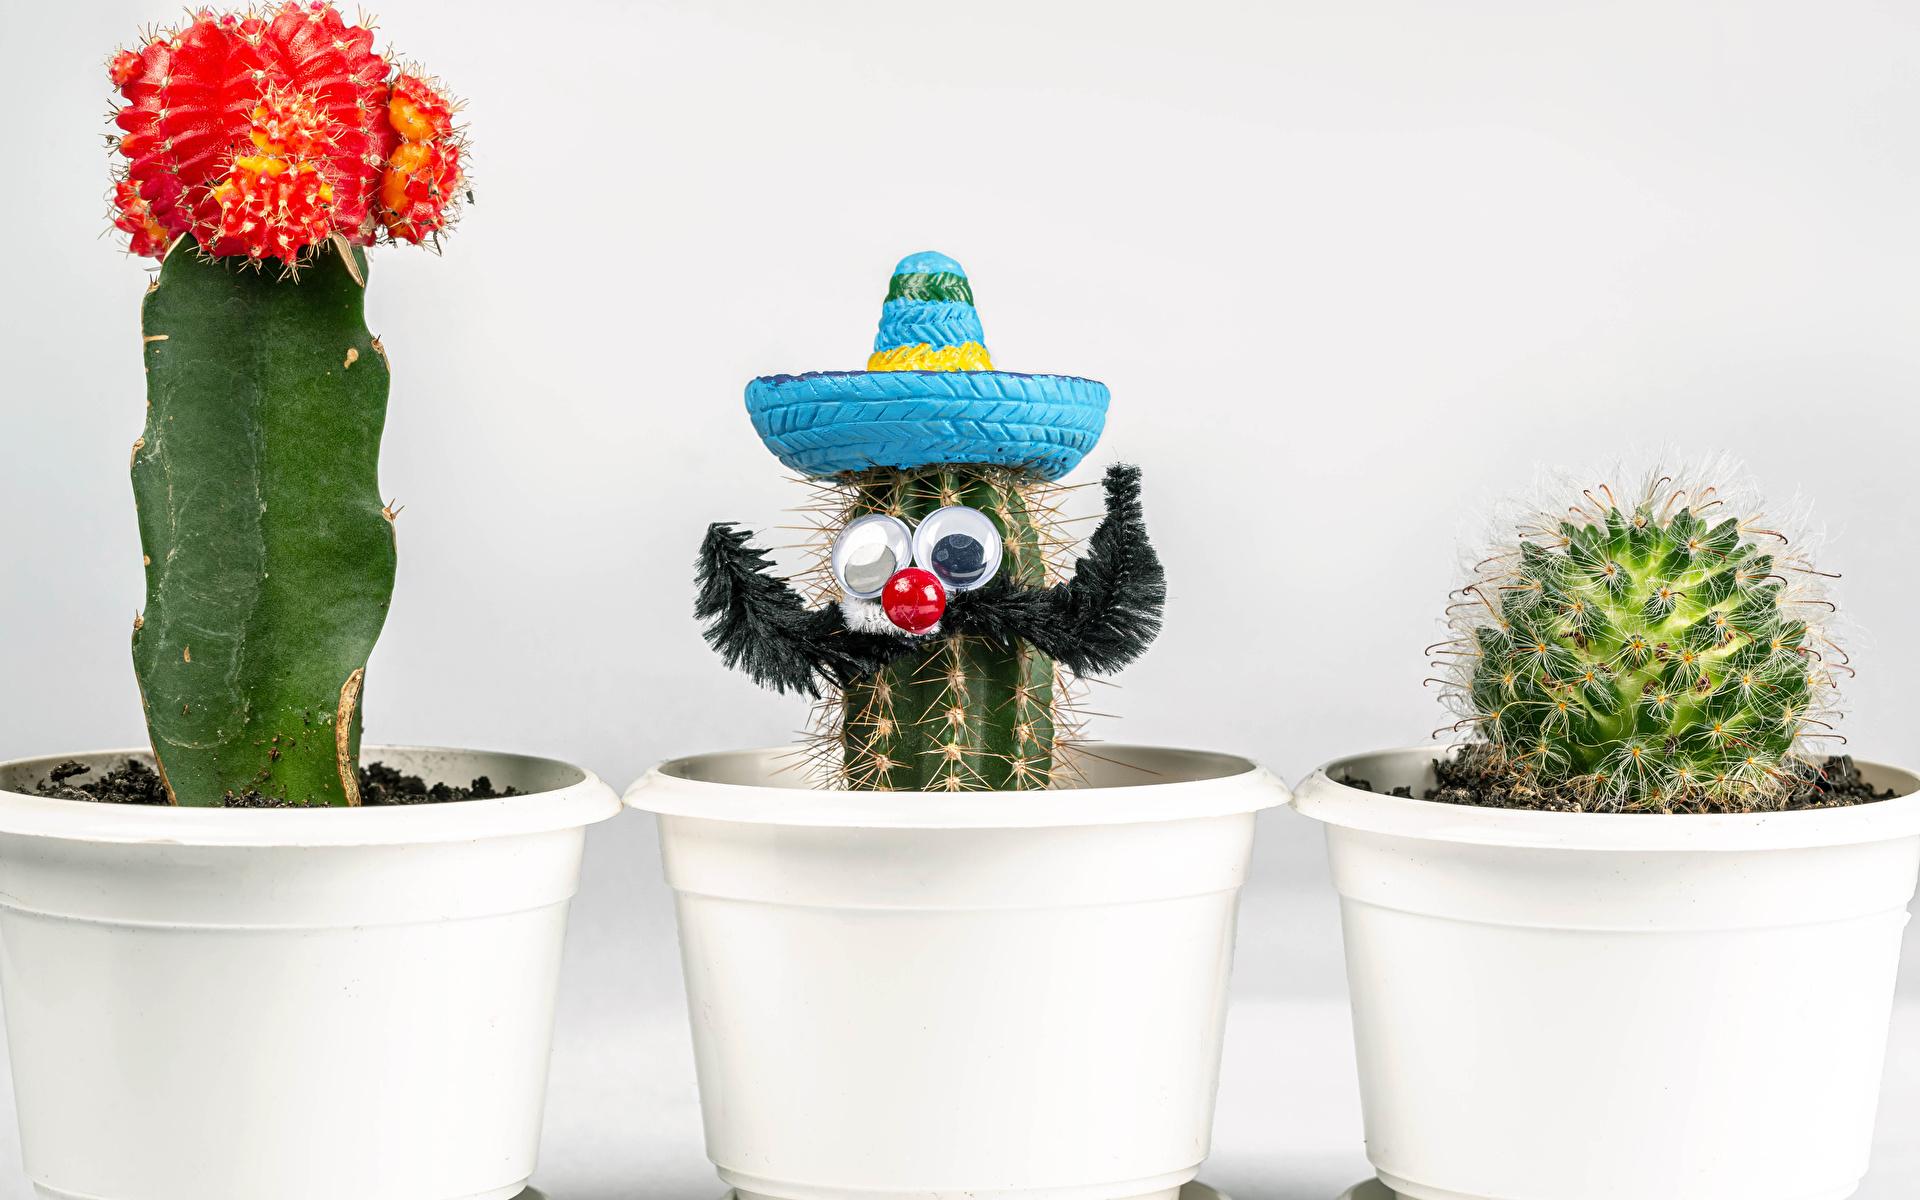 Фотографии шляпы Цветочный горшок Цветы оригинальные Трое 3 Кактусы Белый фон 1920x1200 Шляпа шляпе цветок Креатив креативные три втроем белом фоне белым фоном